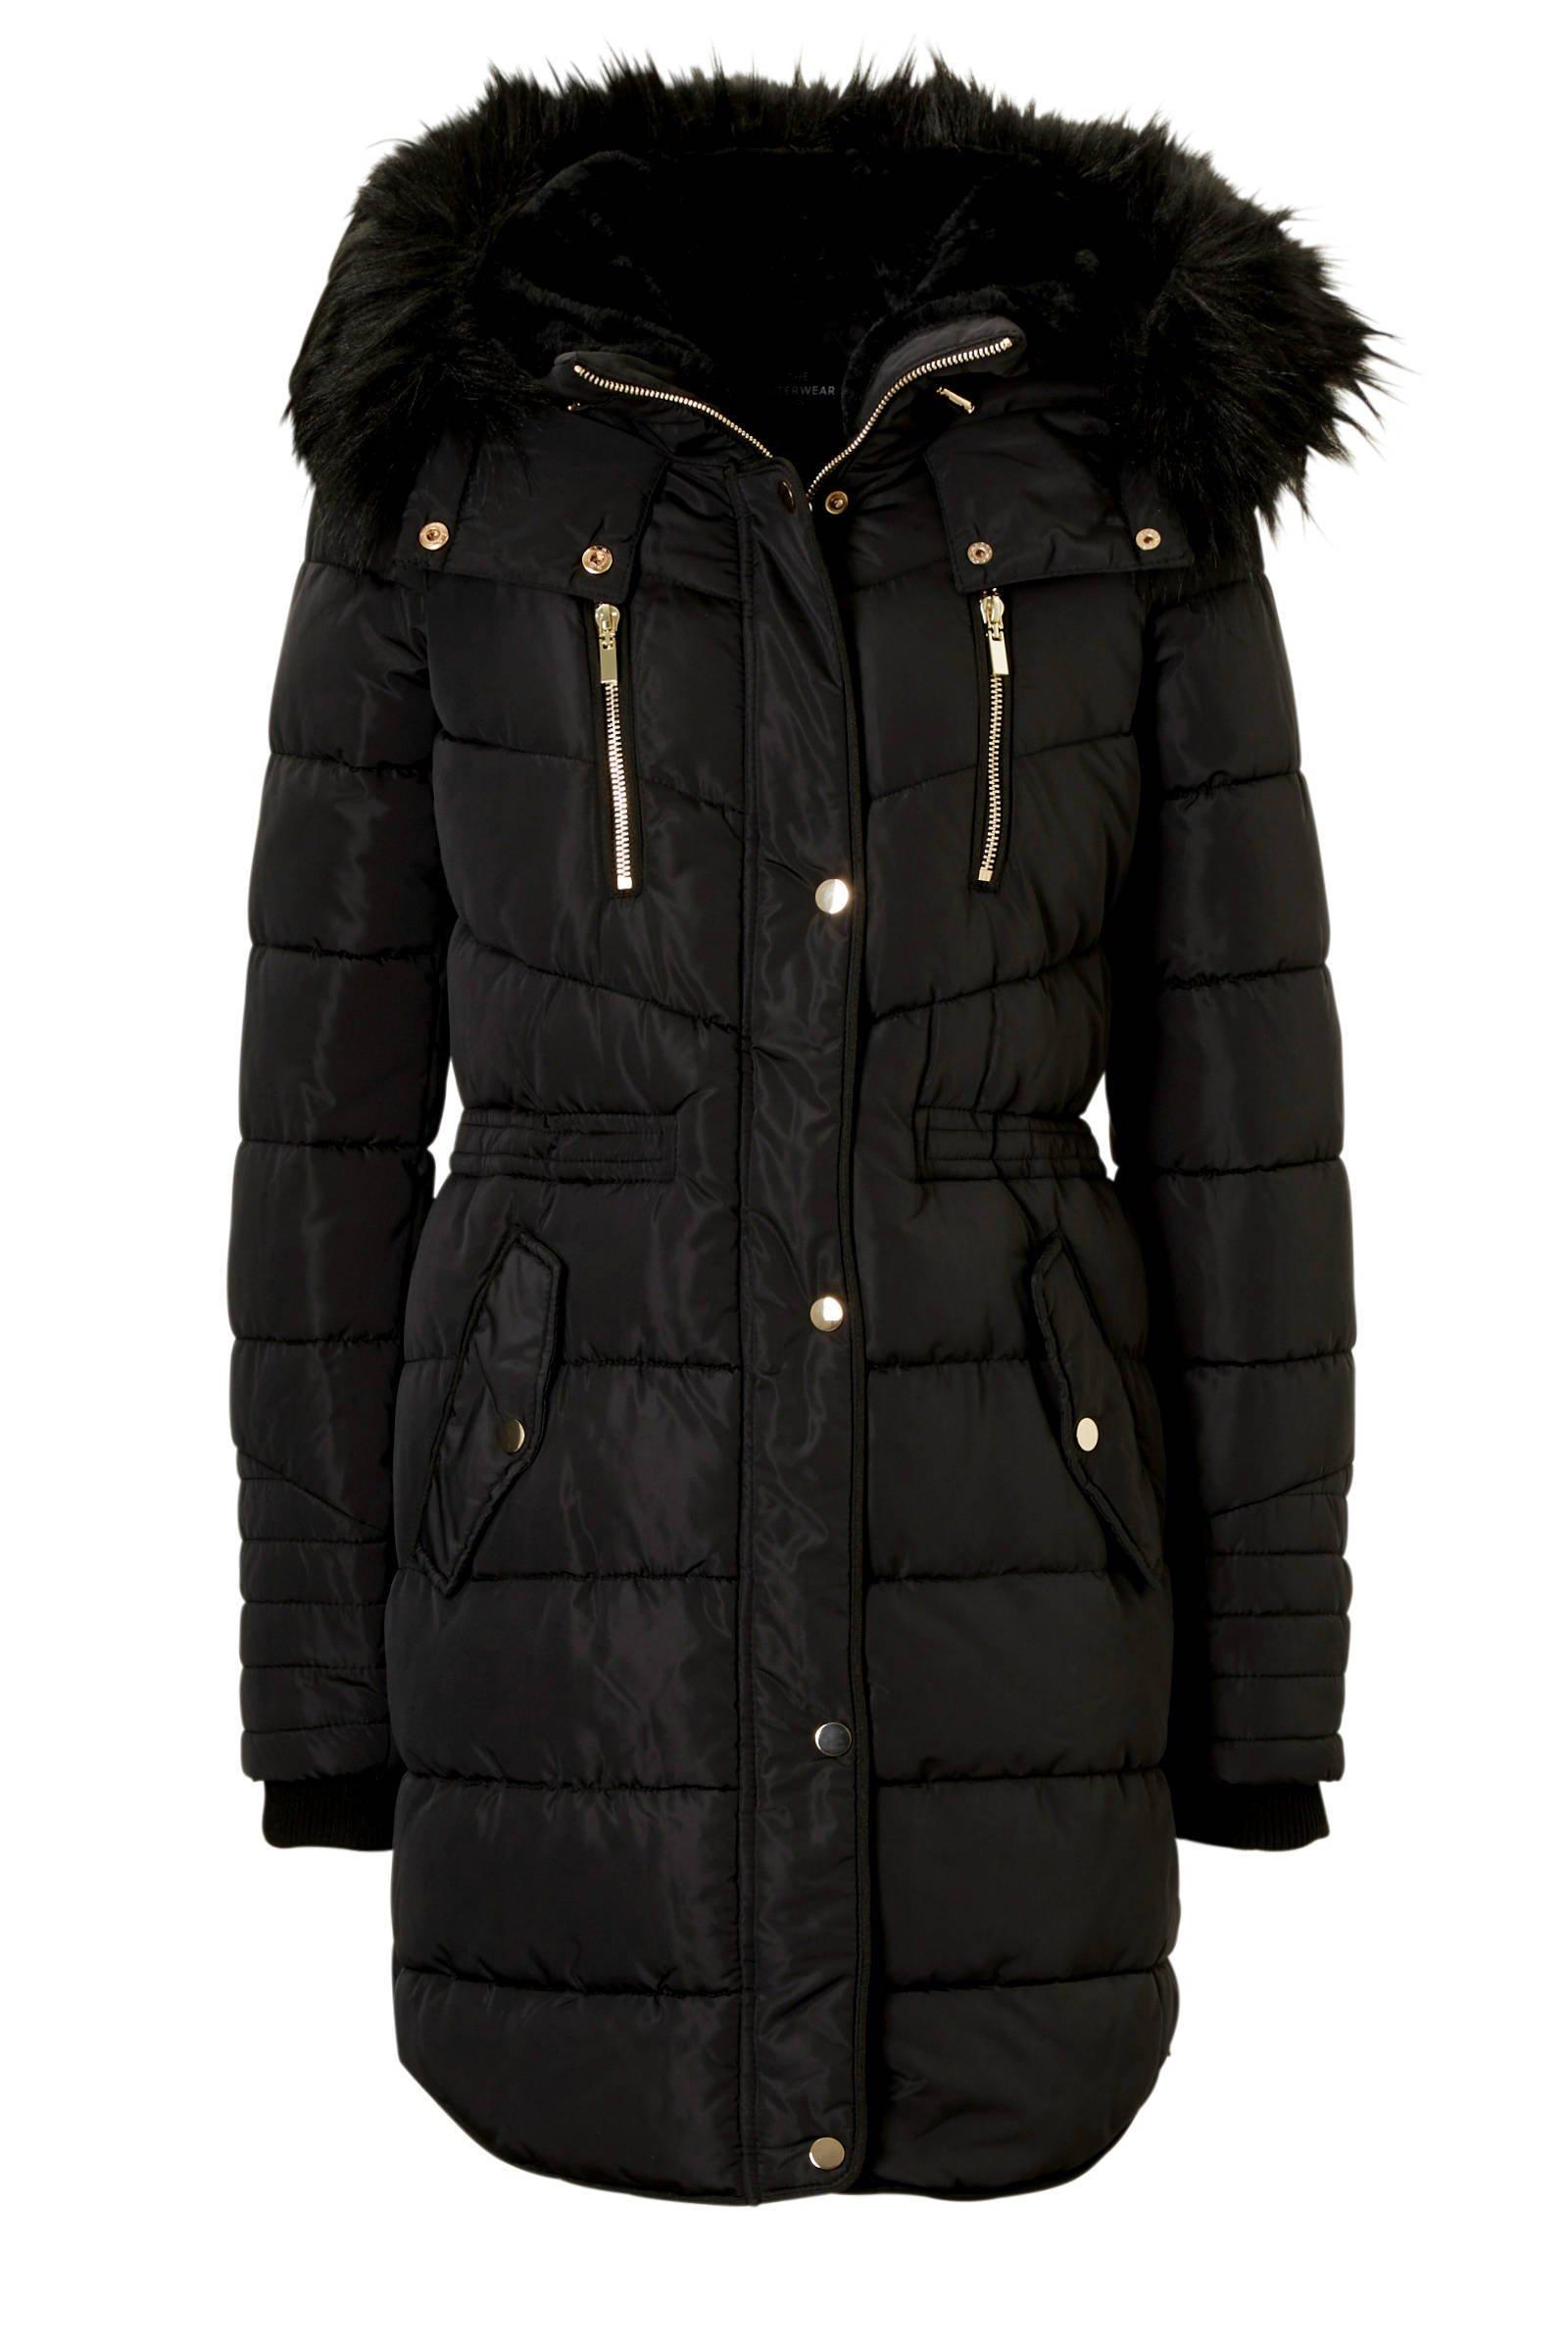 vrouwen jas winter